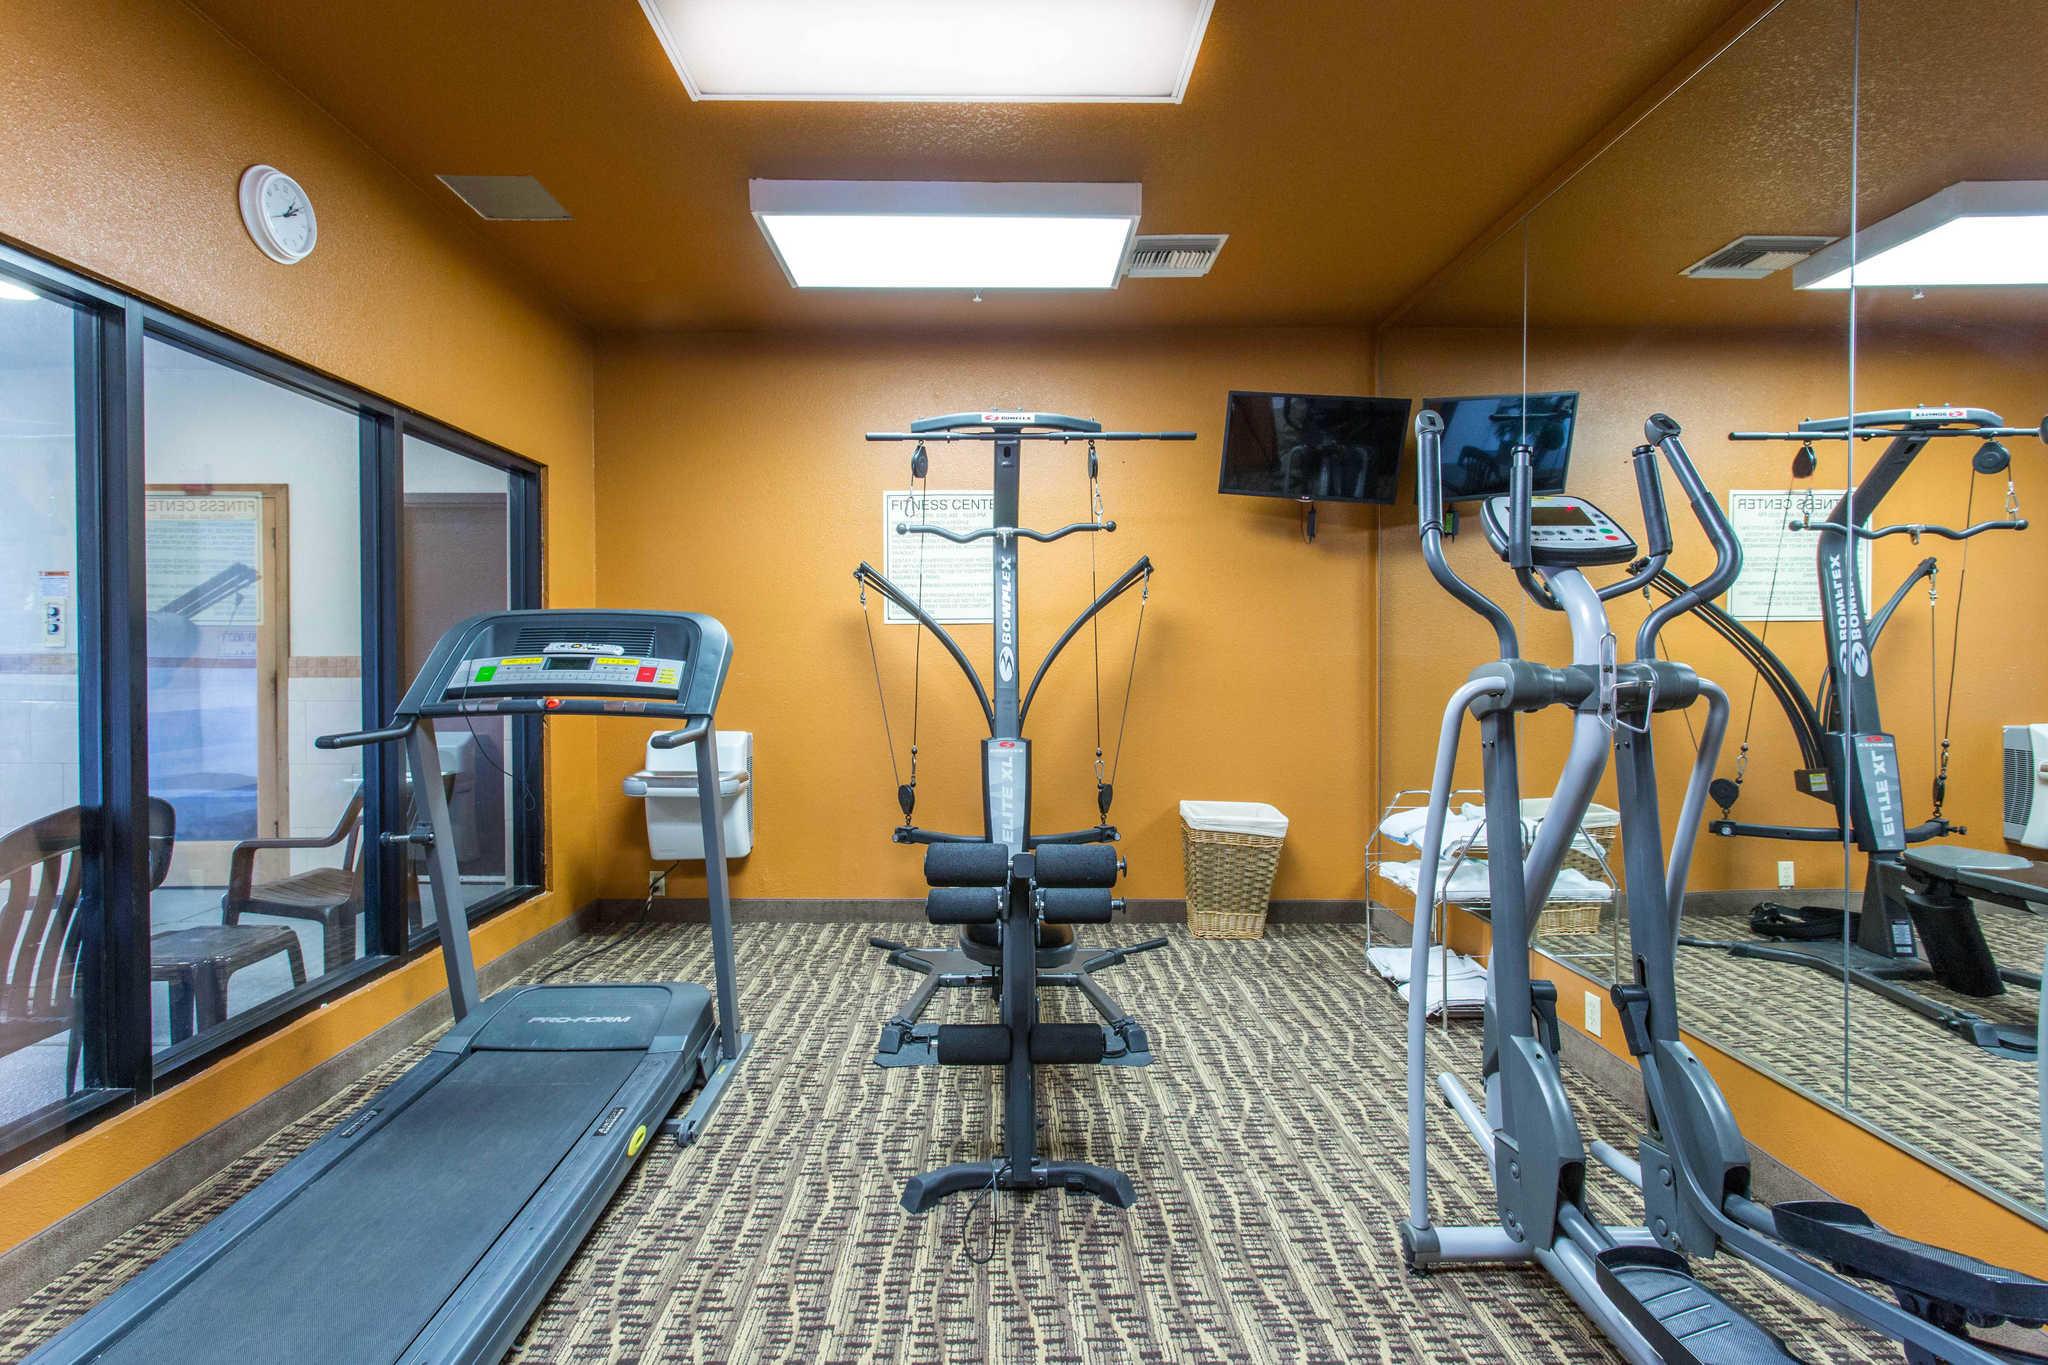 Comfort inn suites deming new mexico nm for Grand motor inn deming